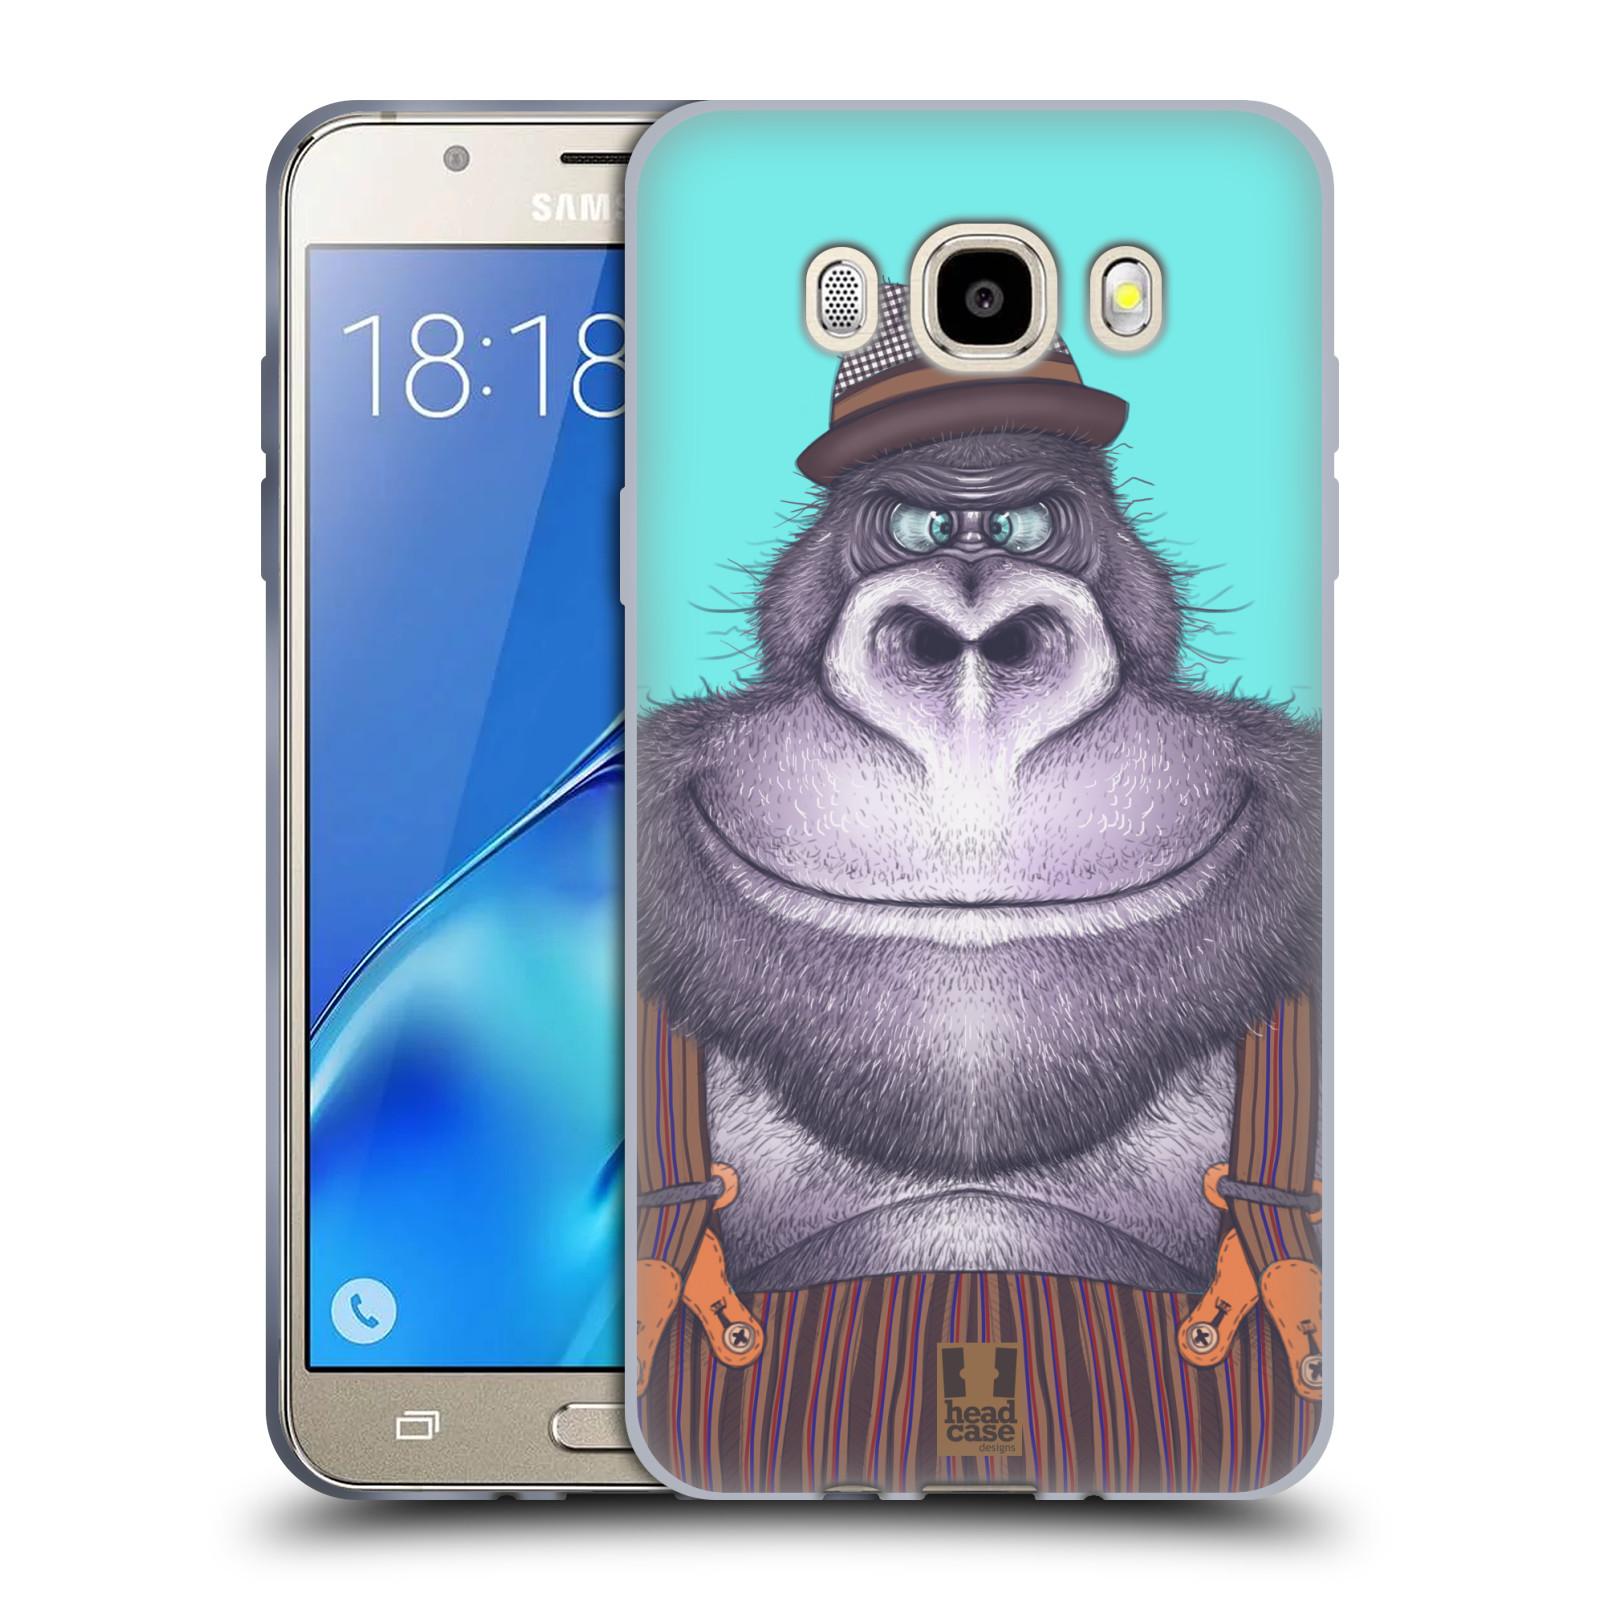 HEAD CASE silikonový obal, kryt na mobil Samsung Galaxy J5 2016, J510, J510F, (J510F DUAL SIM) vzor Kreslená zvířátka gorila